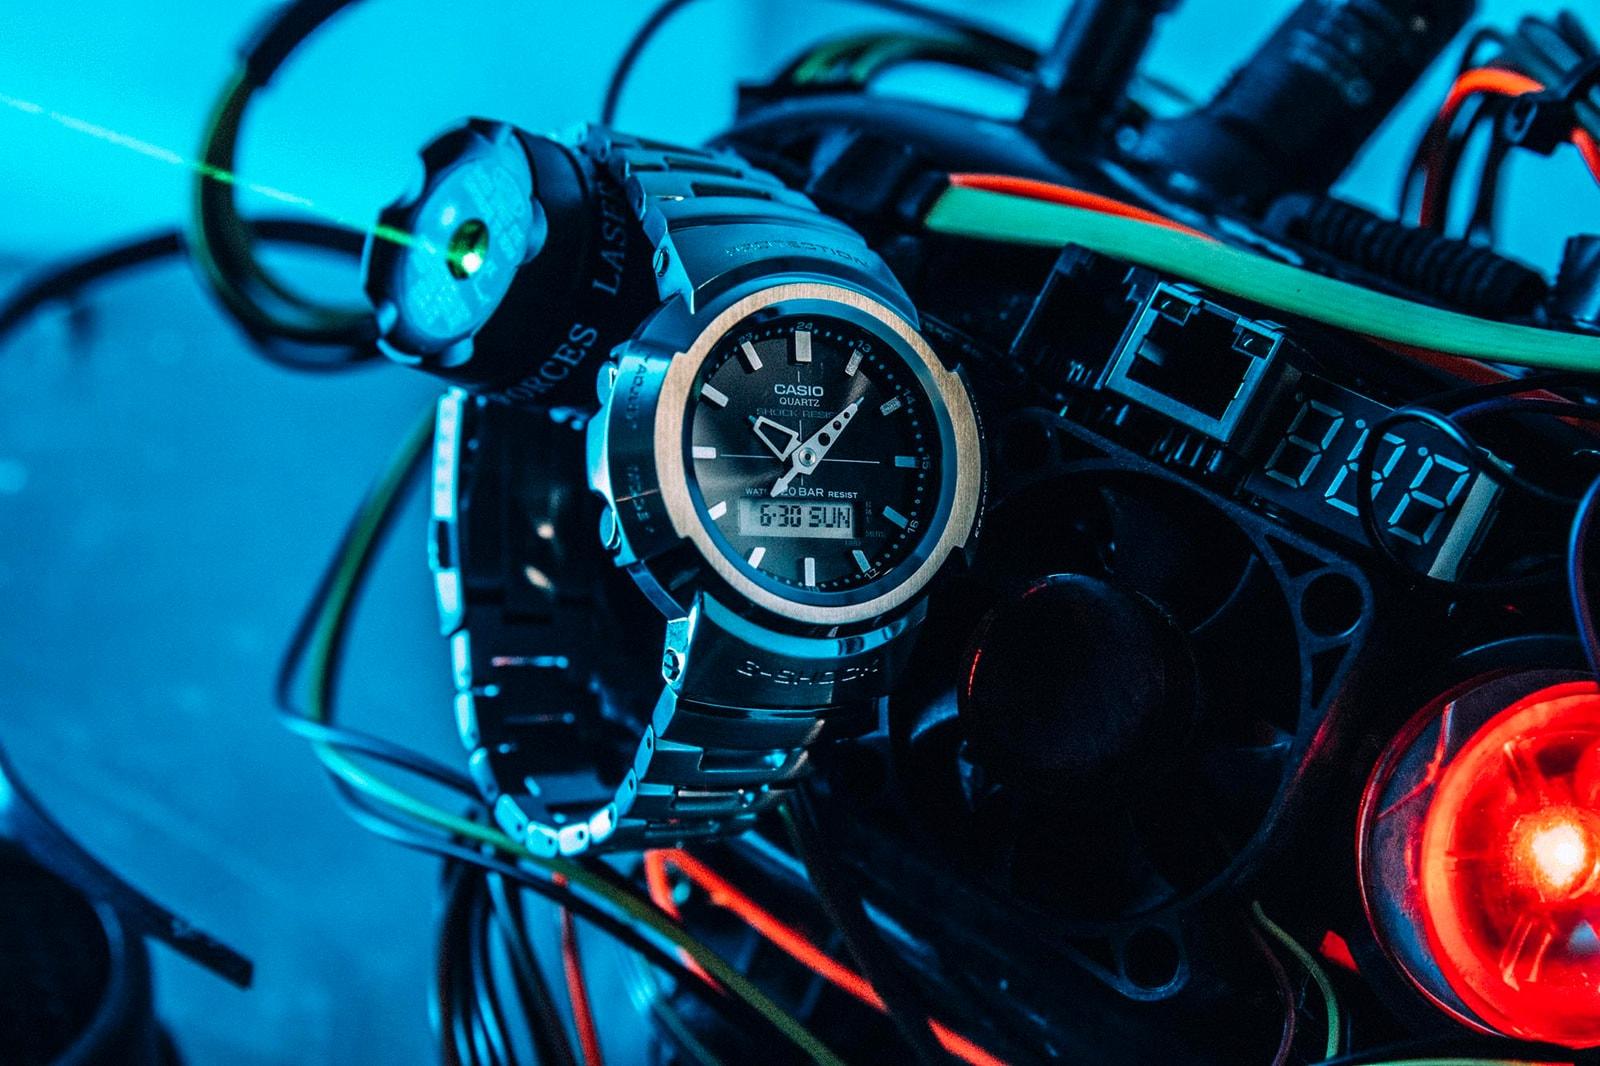 經典設計蛻變而成的金屬未來 G-SHOCK AWM-500